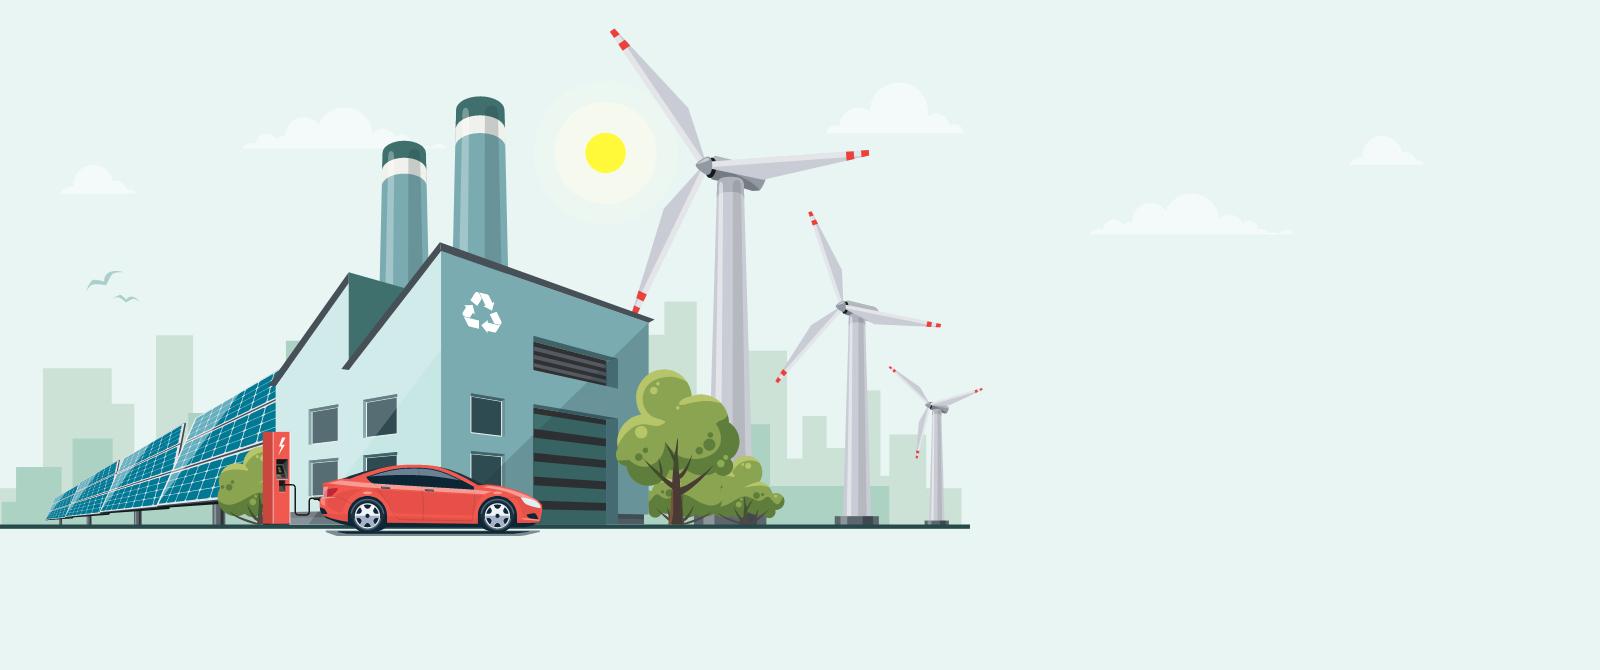 มาตรการลดคาร์บอนของประเทศยักษ์ใหญ่ ... ภาพตัวอย่างการปรับตัวของไทย